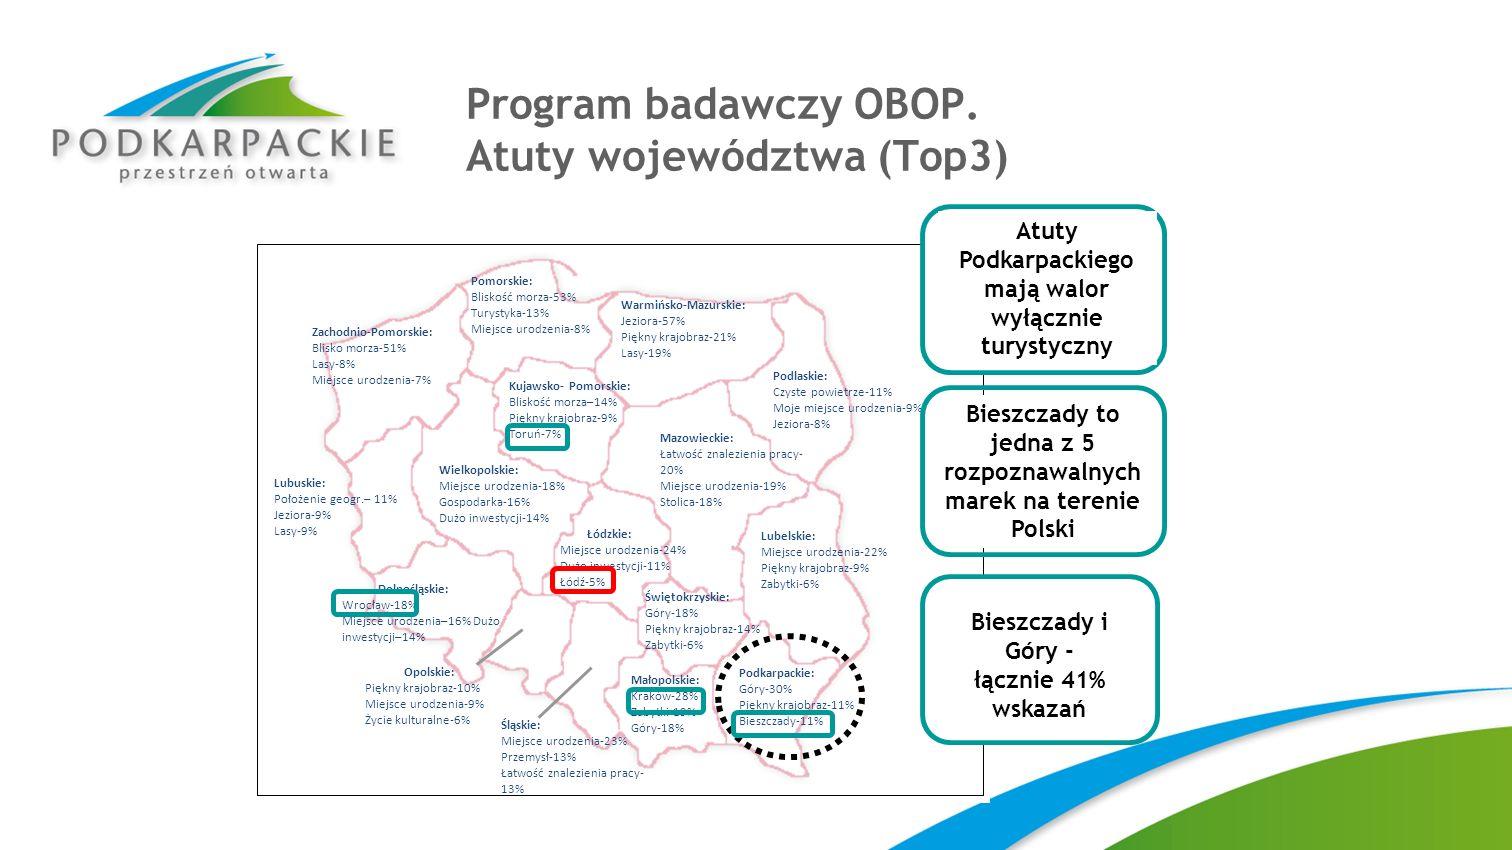 Program badawczy OBOP. Atuty województwa (Top3)